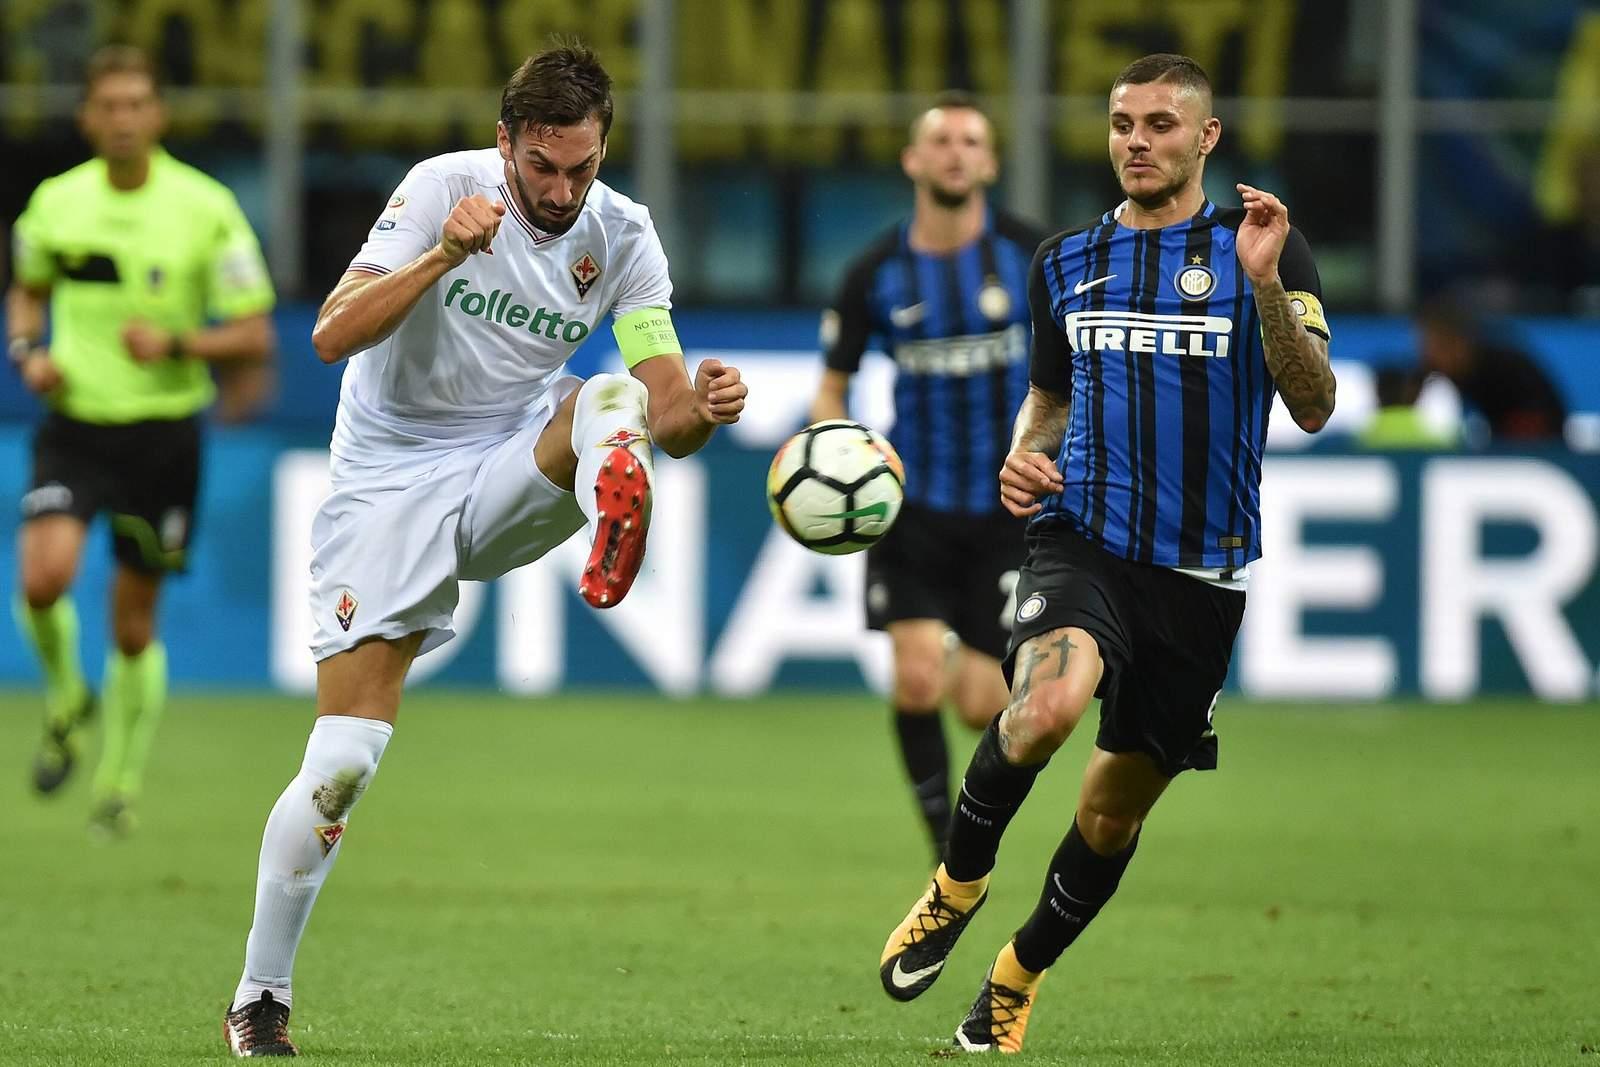 Duell zweier Europapokalanwärter in der Serie A: Fiorentina (mit Davide Astori) und Inter Mailand (mit Torjäger Mauro Icardi).